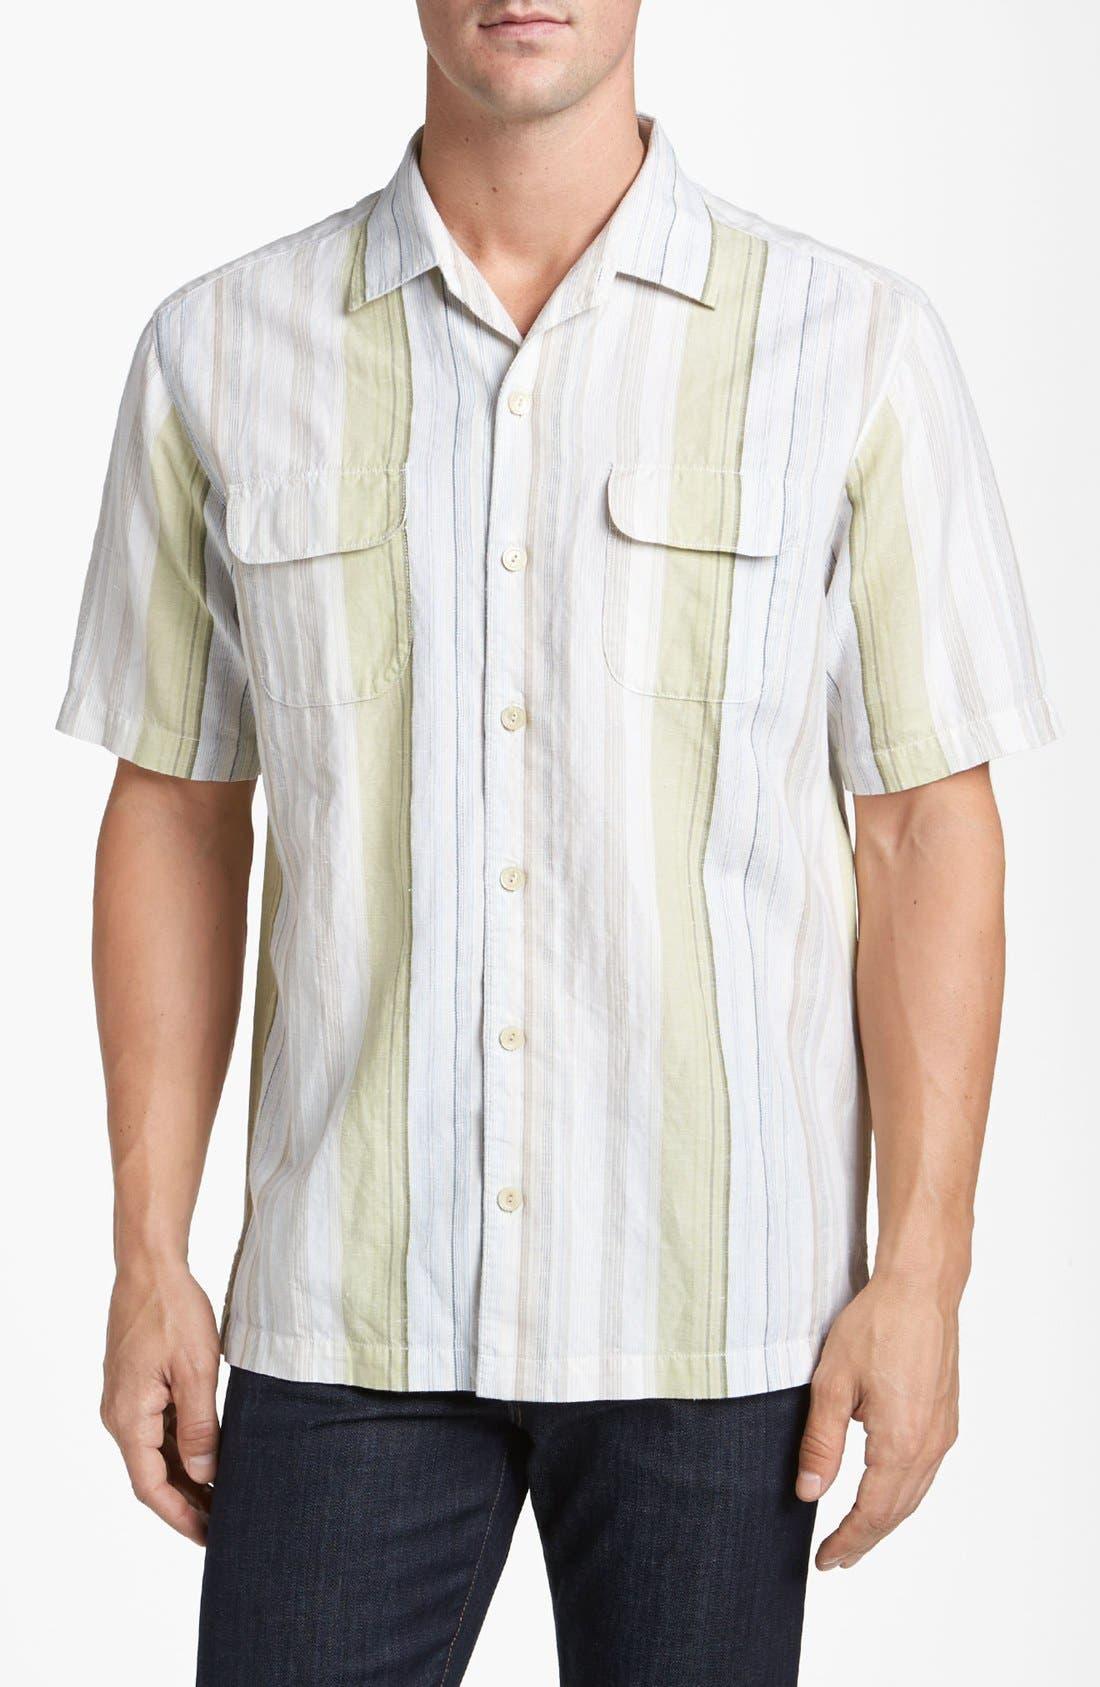 Alternate Image 1 Selected - Tommy Bahama 'Tide Garden' Linen Blend Campshirt